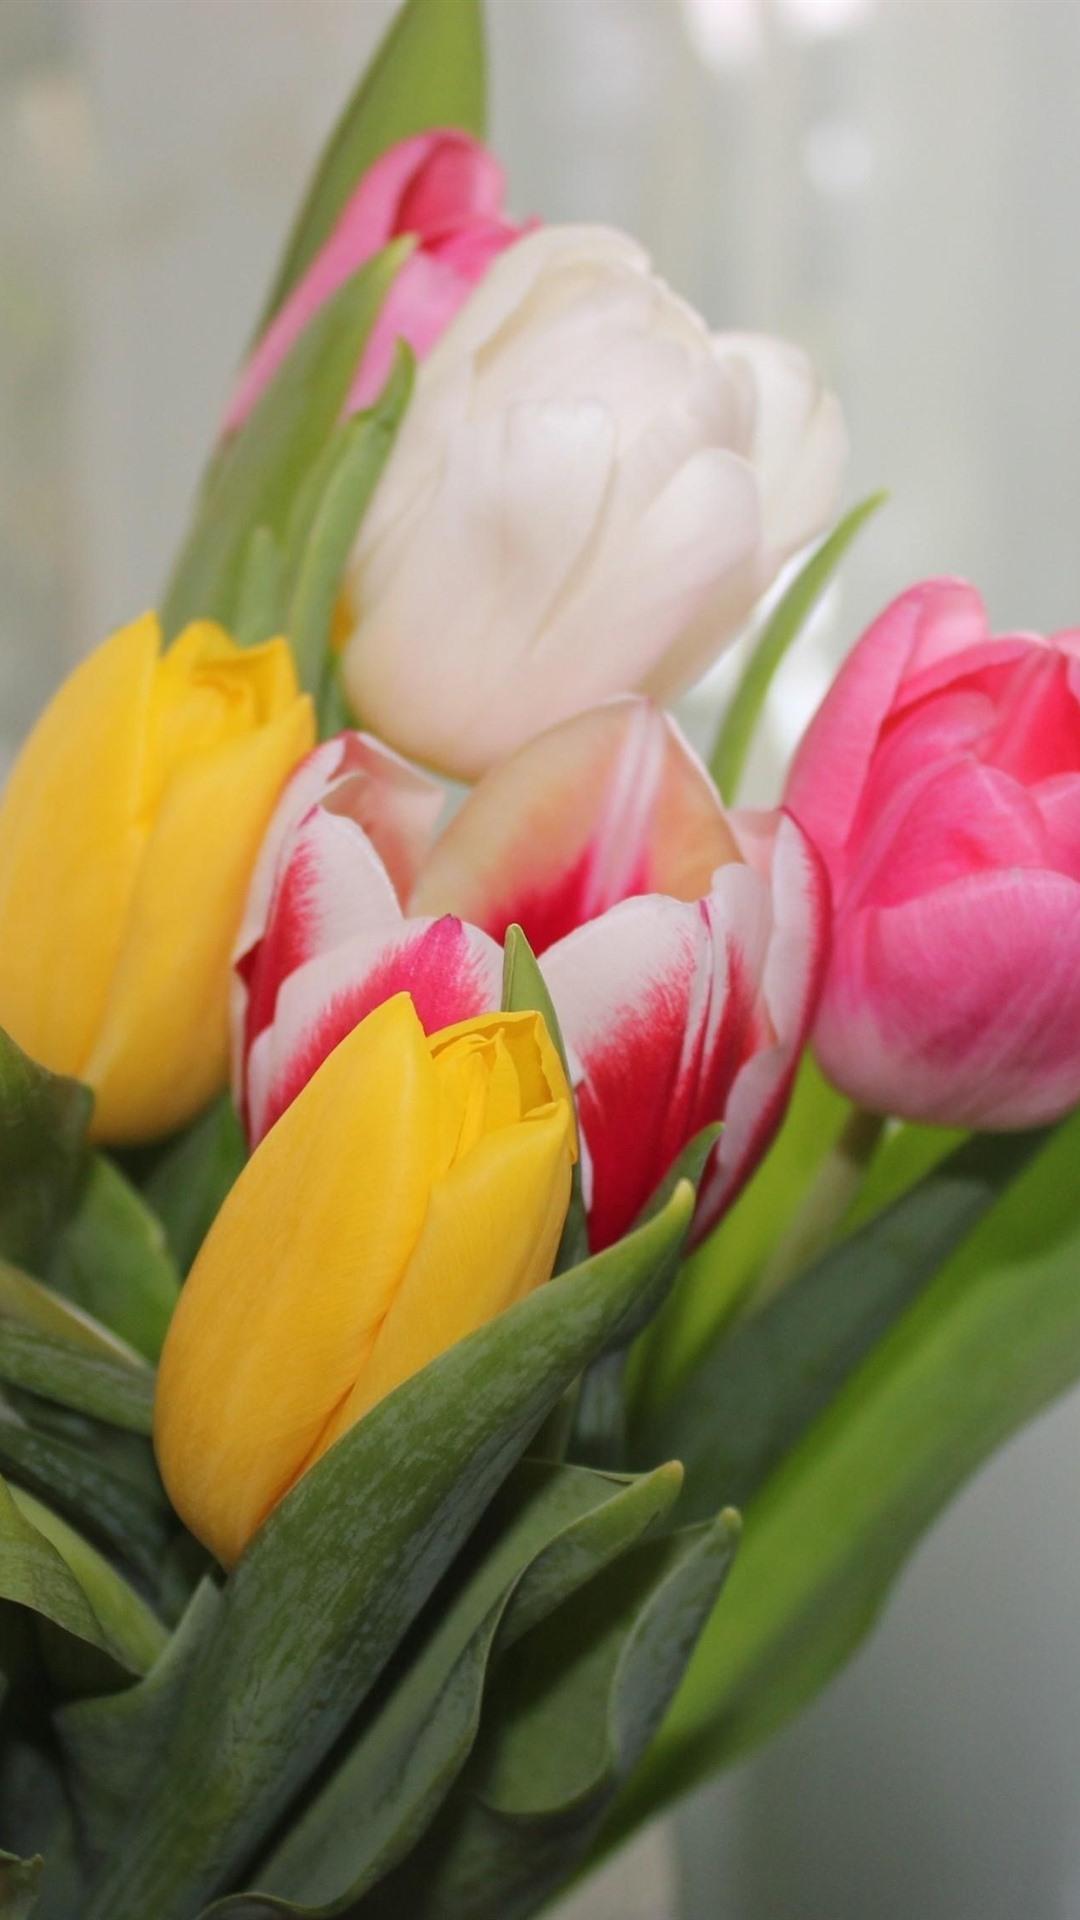 тюльпаны фото на айфон тому